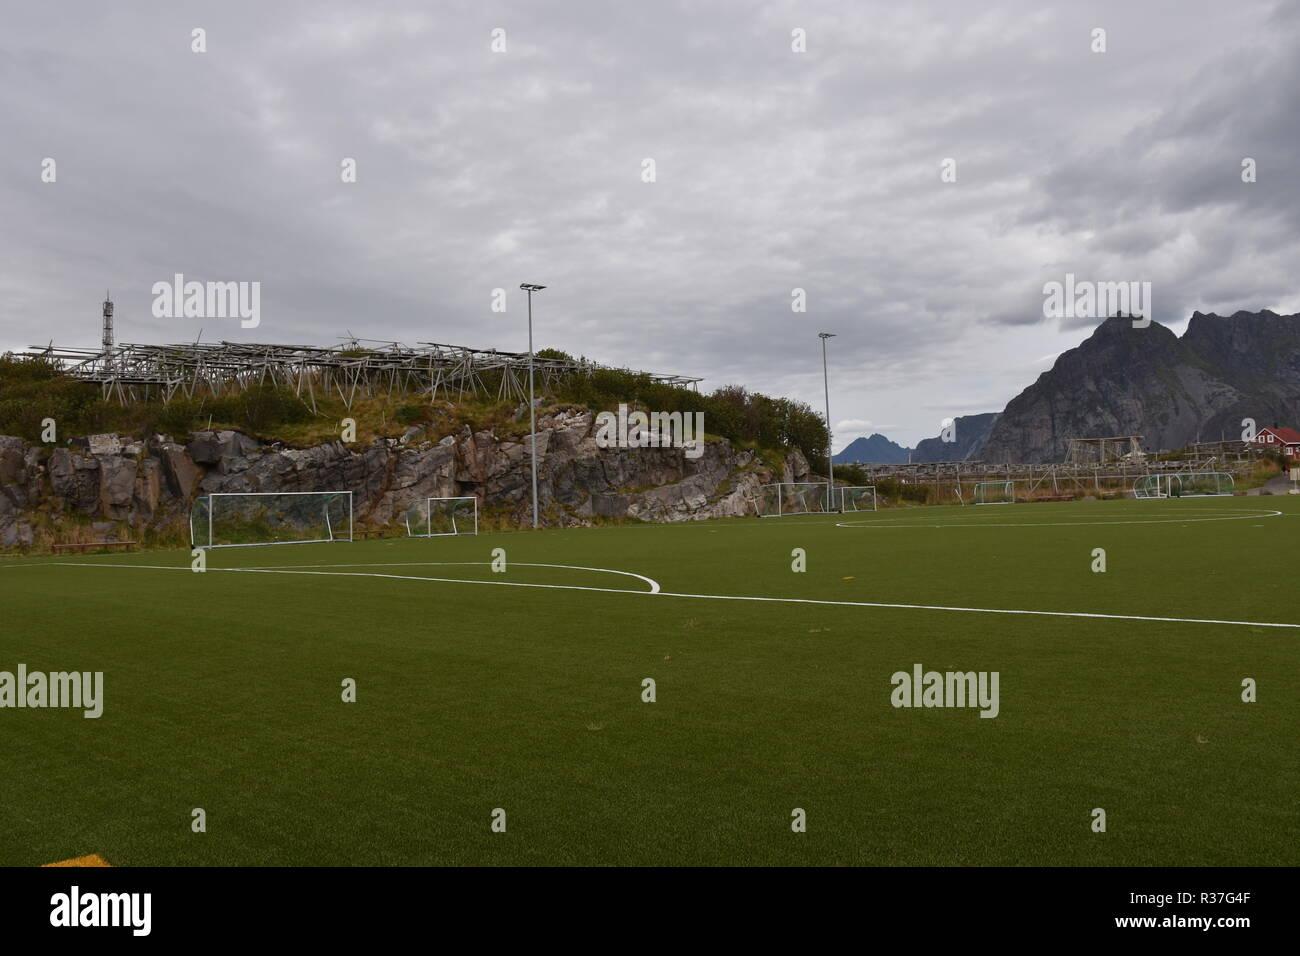 Norwegen, Lofoten, Svolvær, Henningsvær, Heimøy, Hellandsøya, Fußballplatz, Fußball, Sport, Tor, Fußballtor, Markierung, Rasen, Kunstrasen, Feld - Stock Image